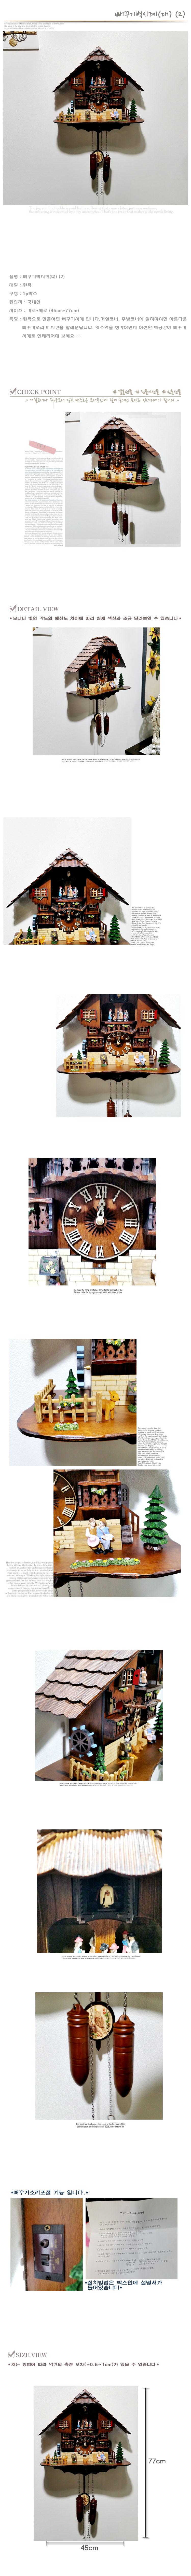 뻐꾸기벽시계(대) (2) - 유앤티크, 730,000원, 벽시계, 디자인벽시계